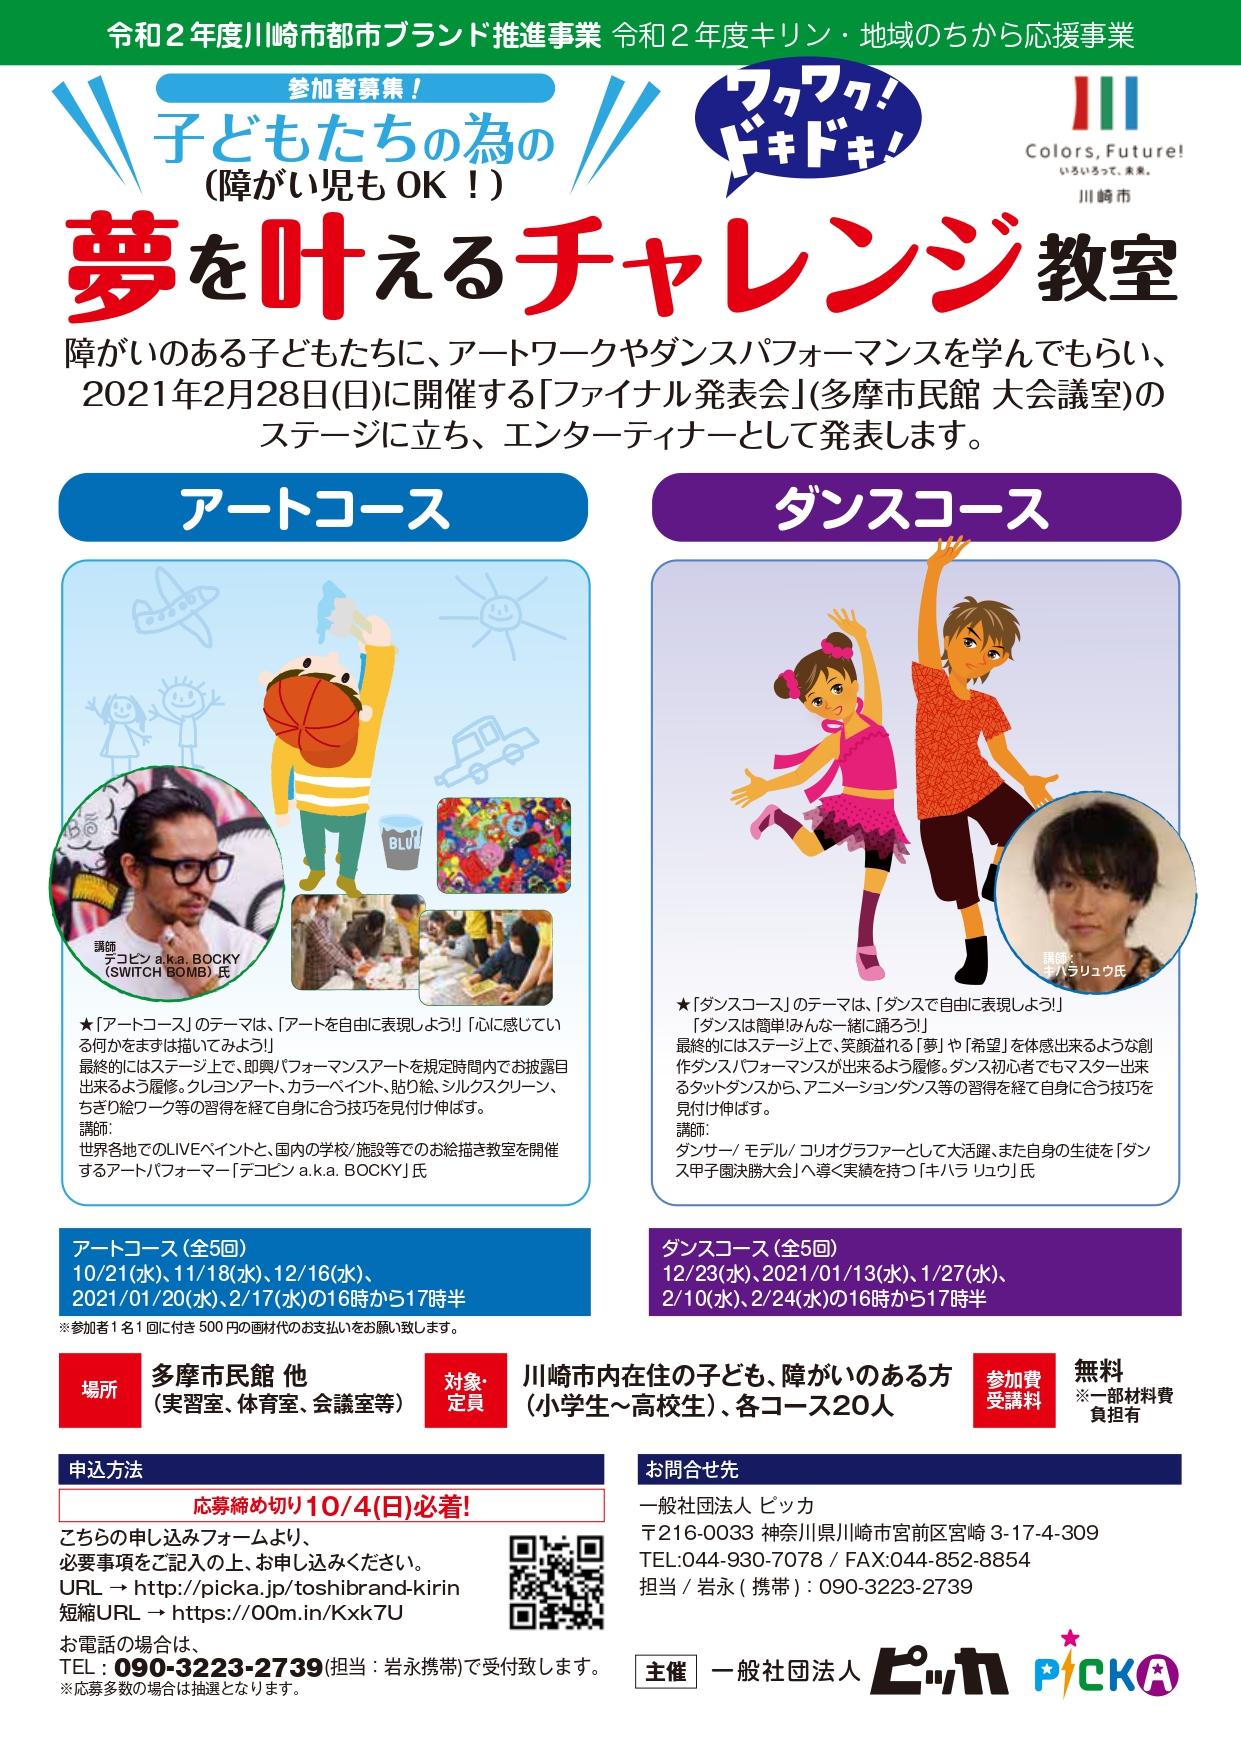 イメージ:【参加者募集】子どもたちの為の(障がい児もOK!)夢を叶えるチャレンジ教室